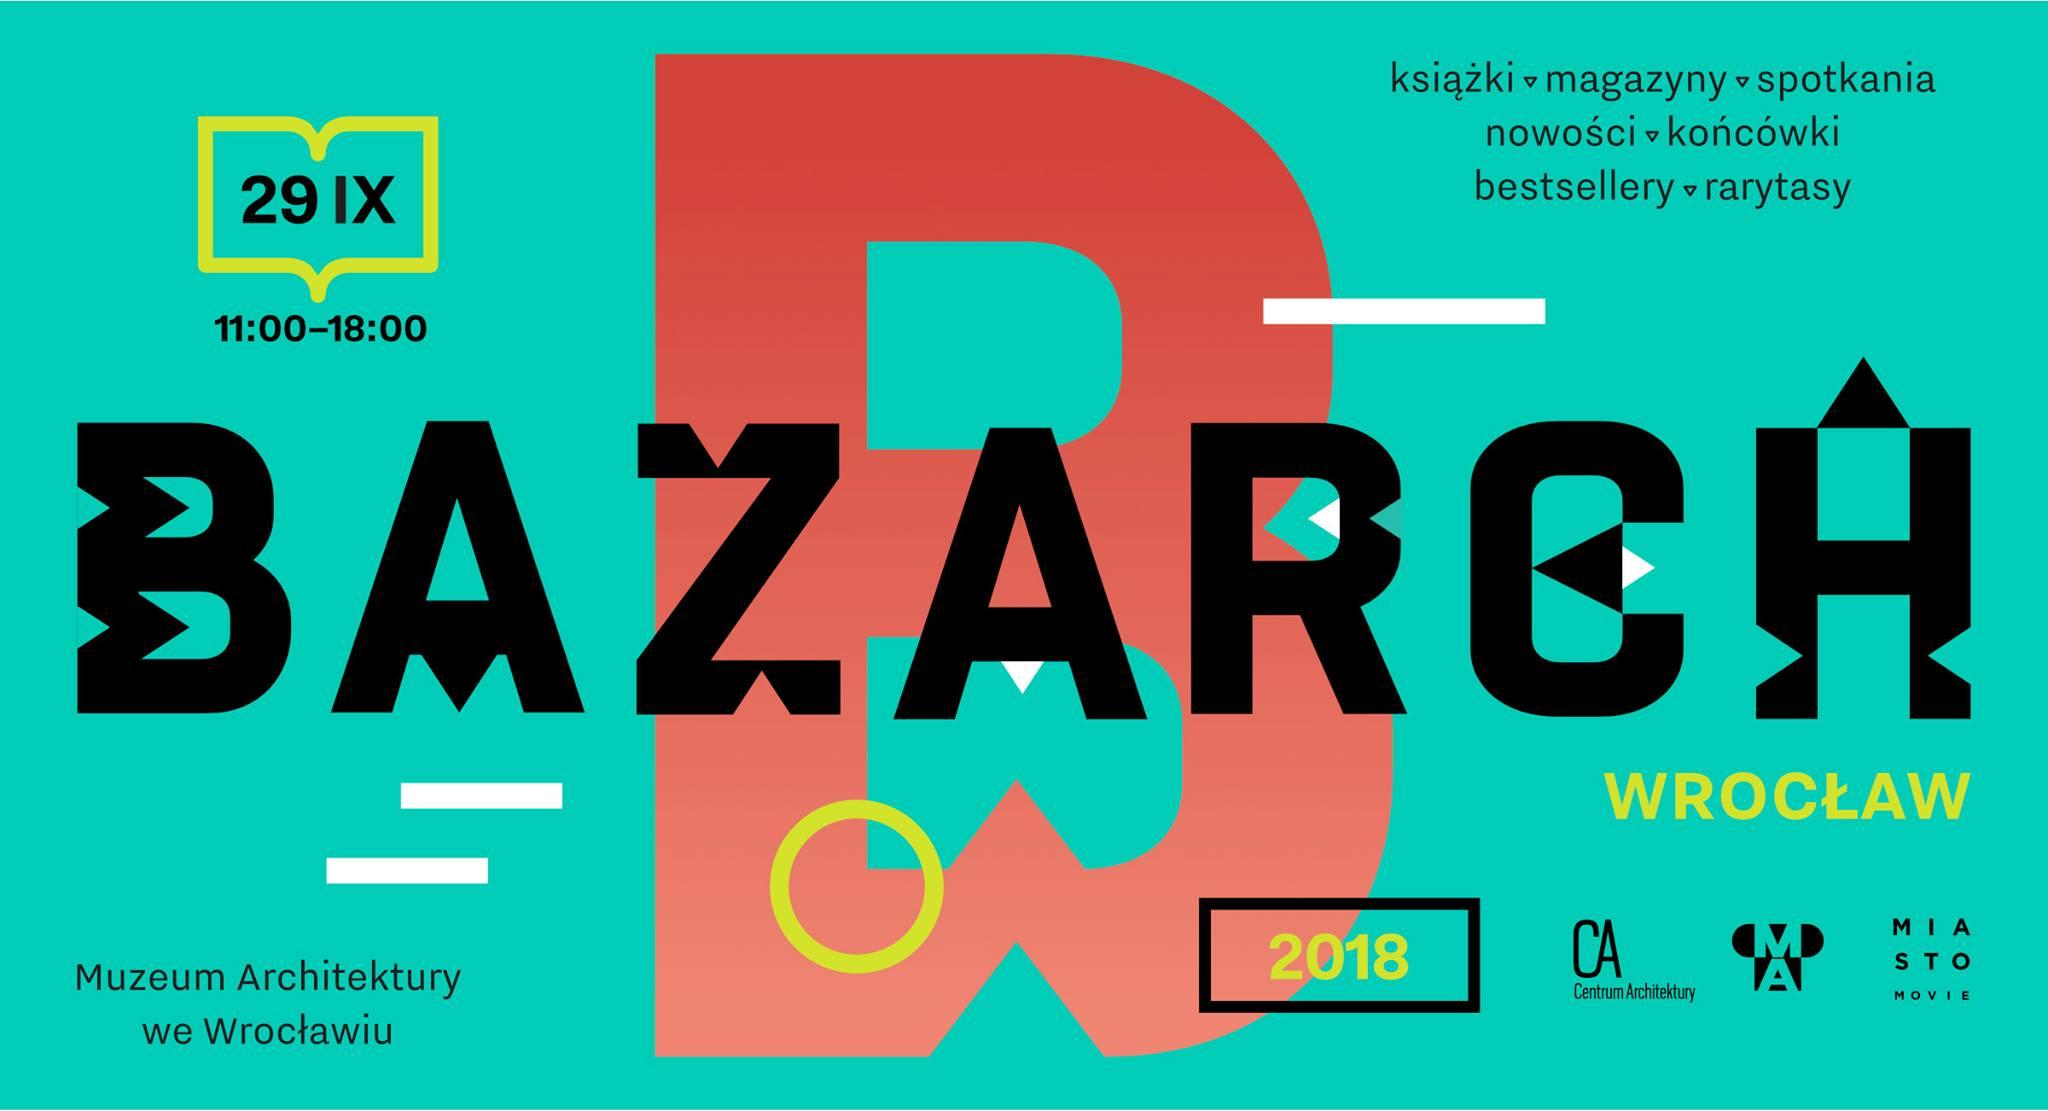 """""""Bazarch Wrocław 2018"""" (źródło: materiały prasowe organizatorów)"""